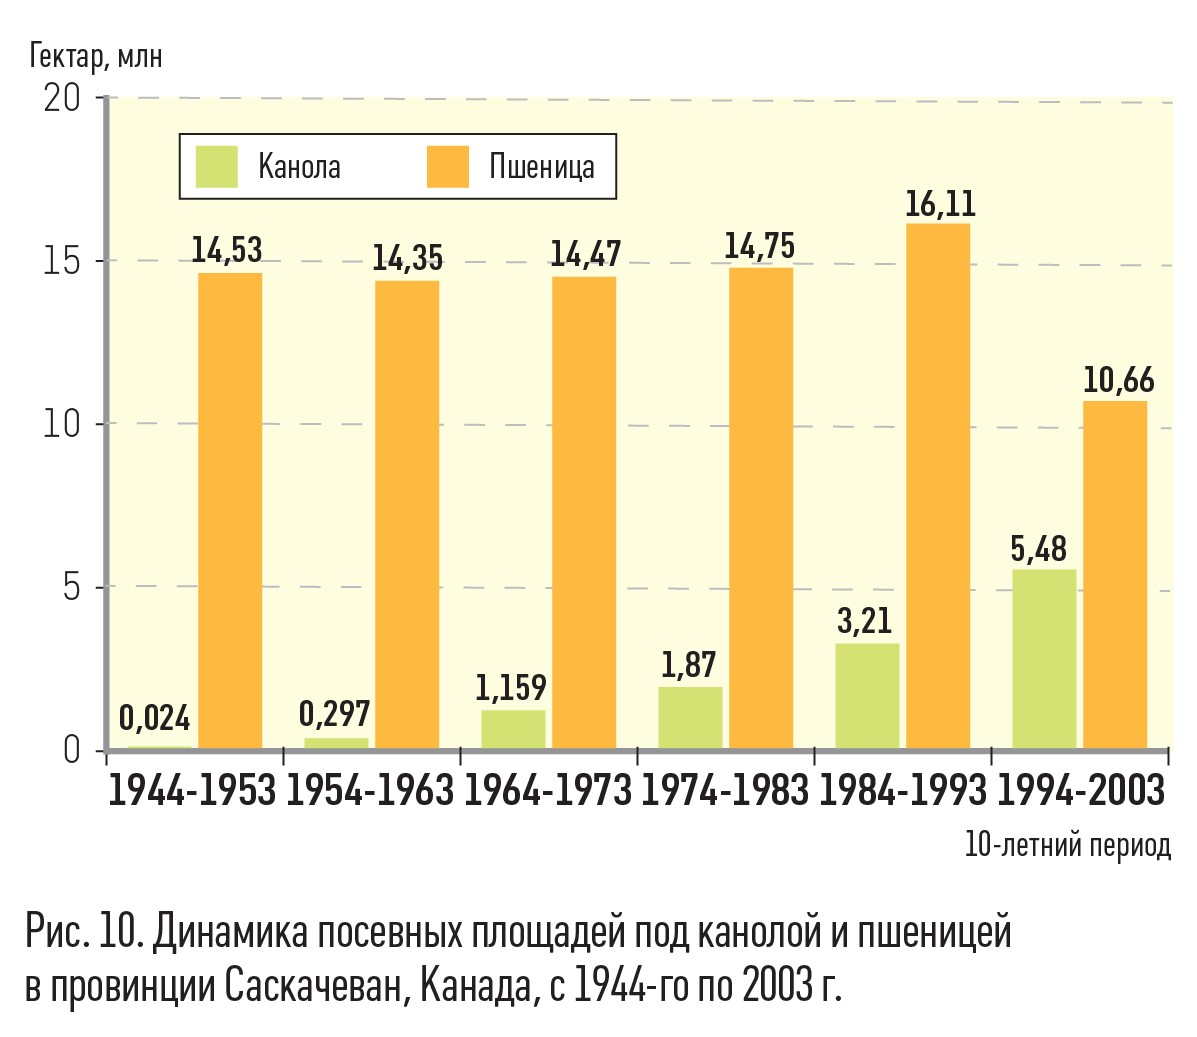 Малюнок 10. Динаміка посівних площ під каноли і пшеницею